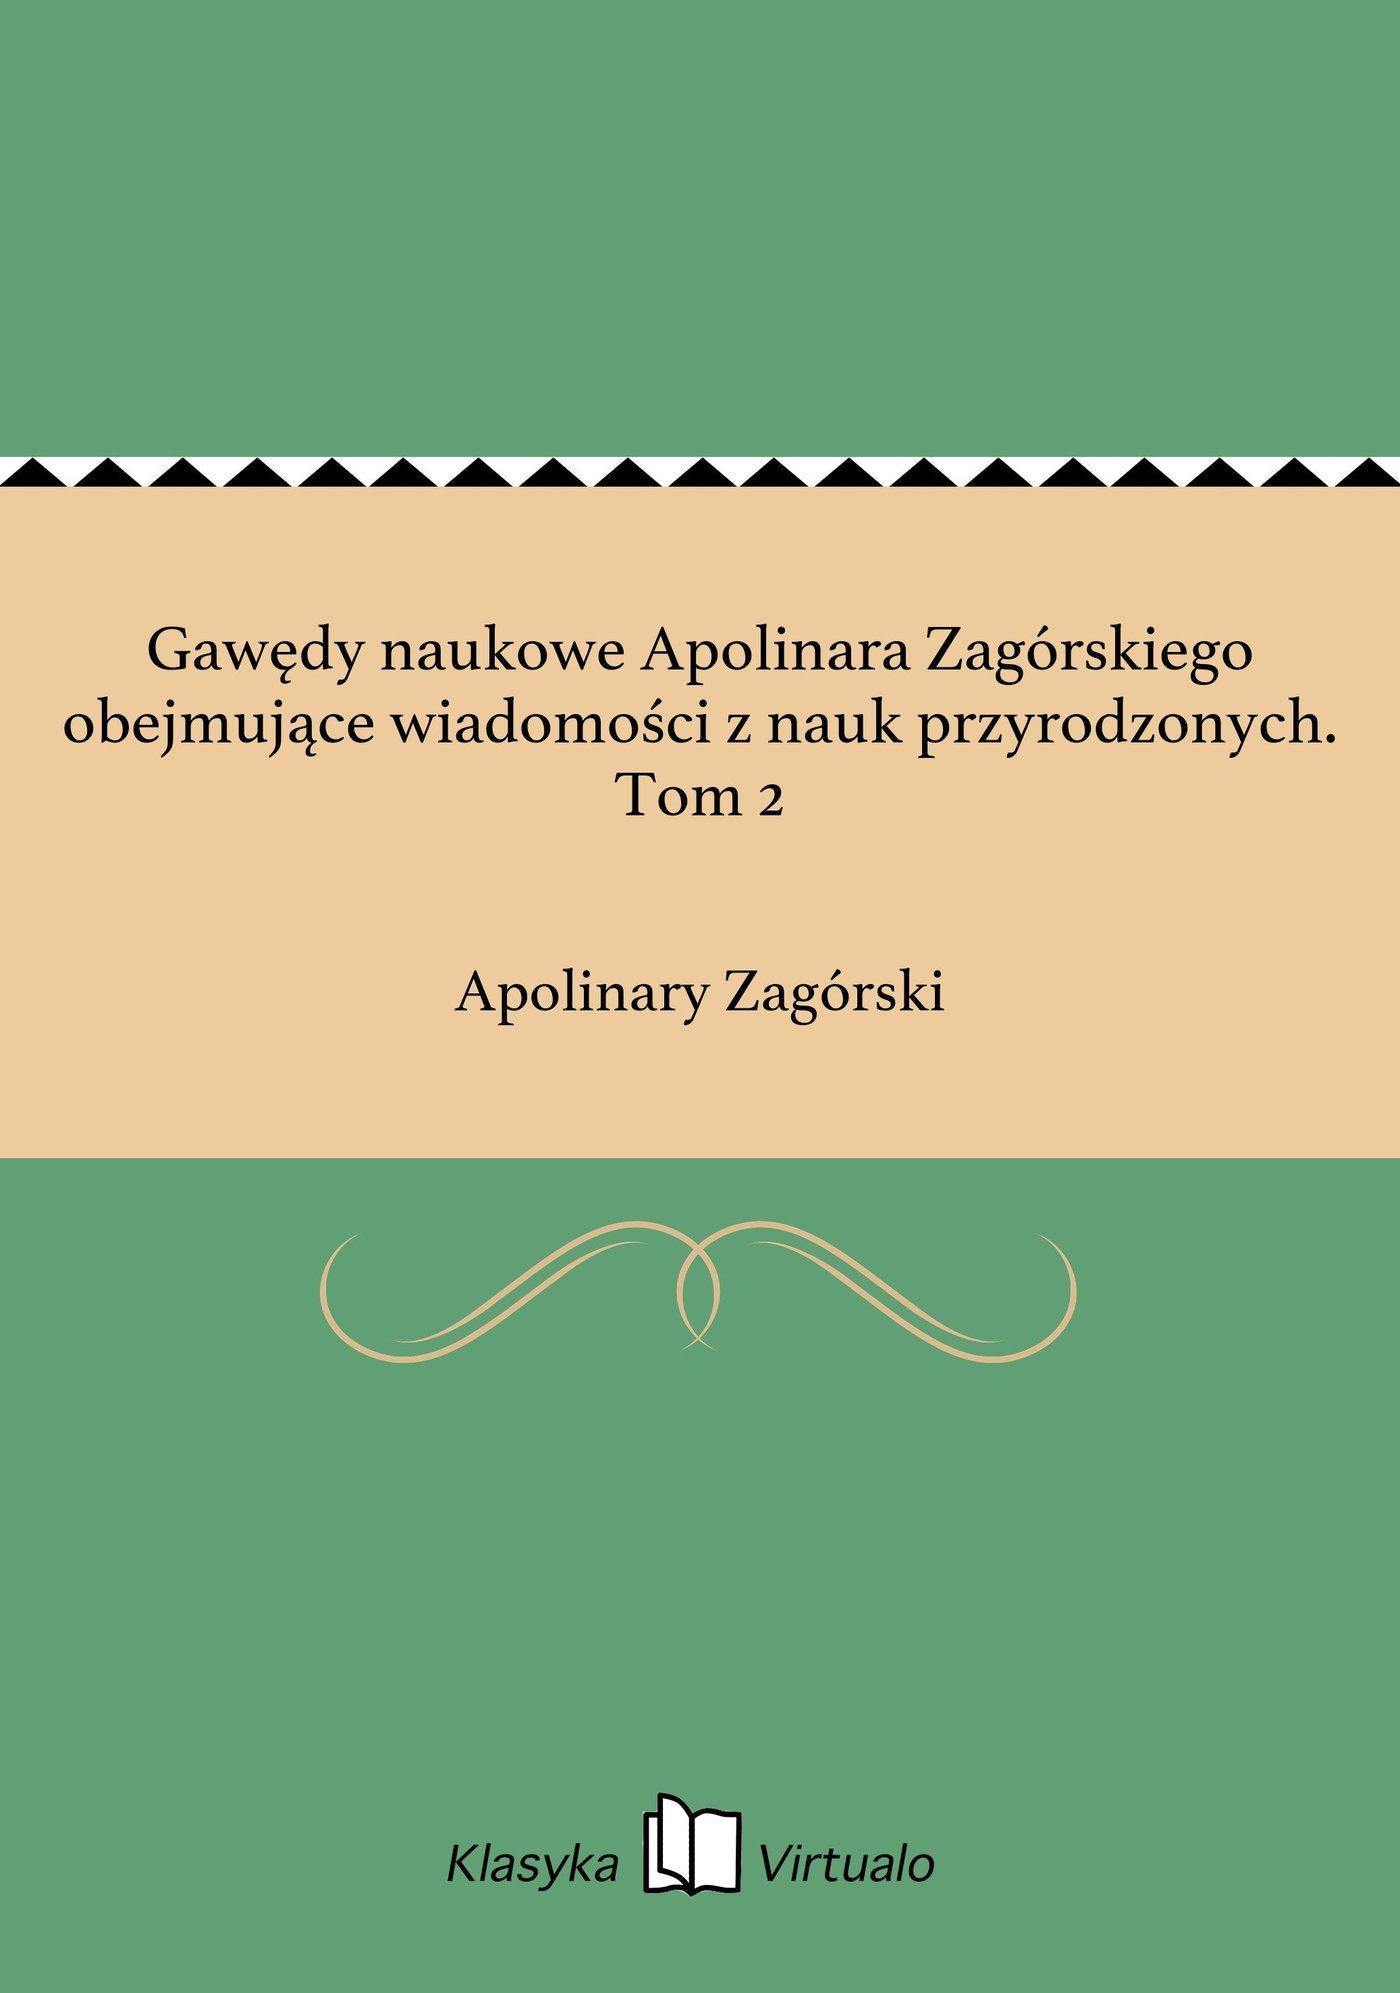 Gawędy naukowe Apolinara Zagórskiego obejmujące wiadomości z nauk przyrodzonych. Tom 2 - Ebook (Książka na Kindle) do pobrania w formacie MOBI